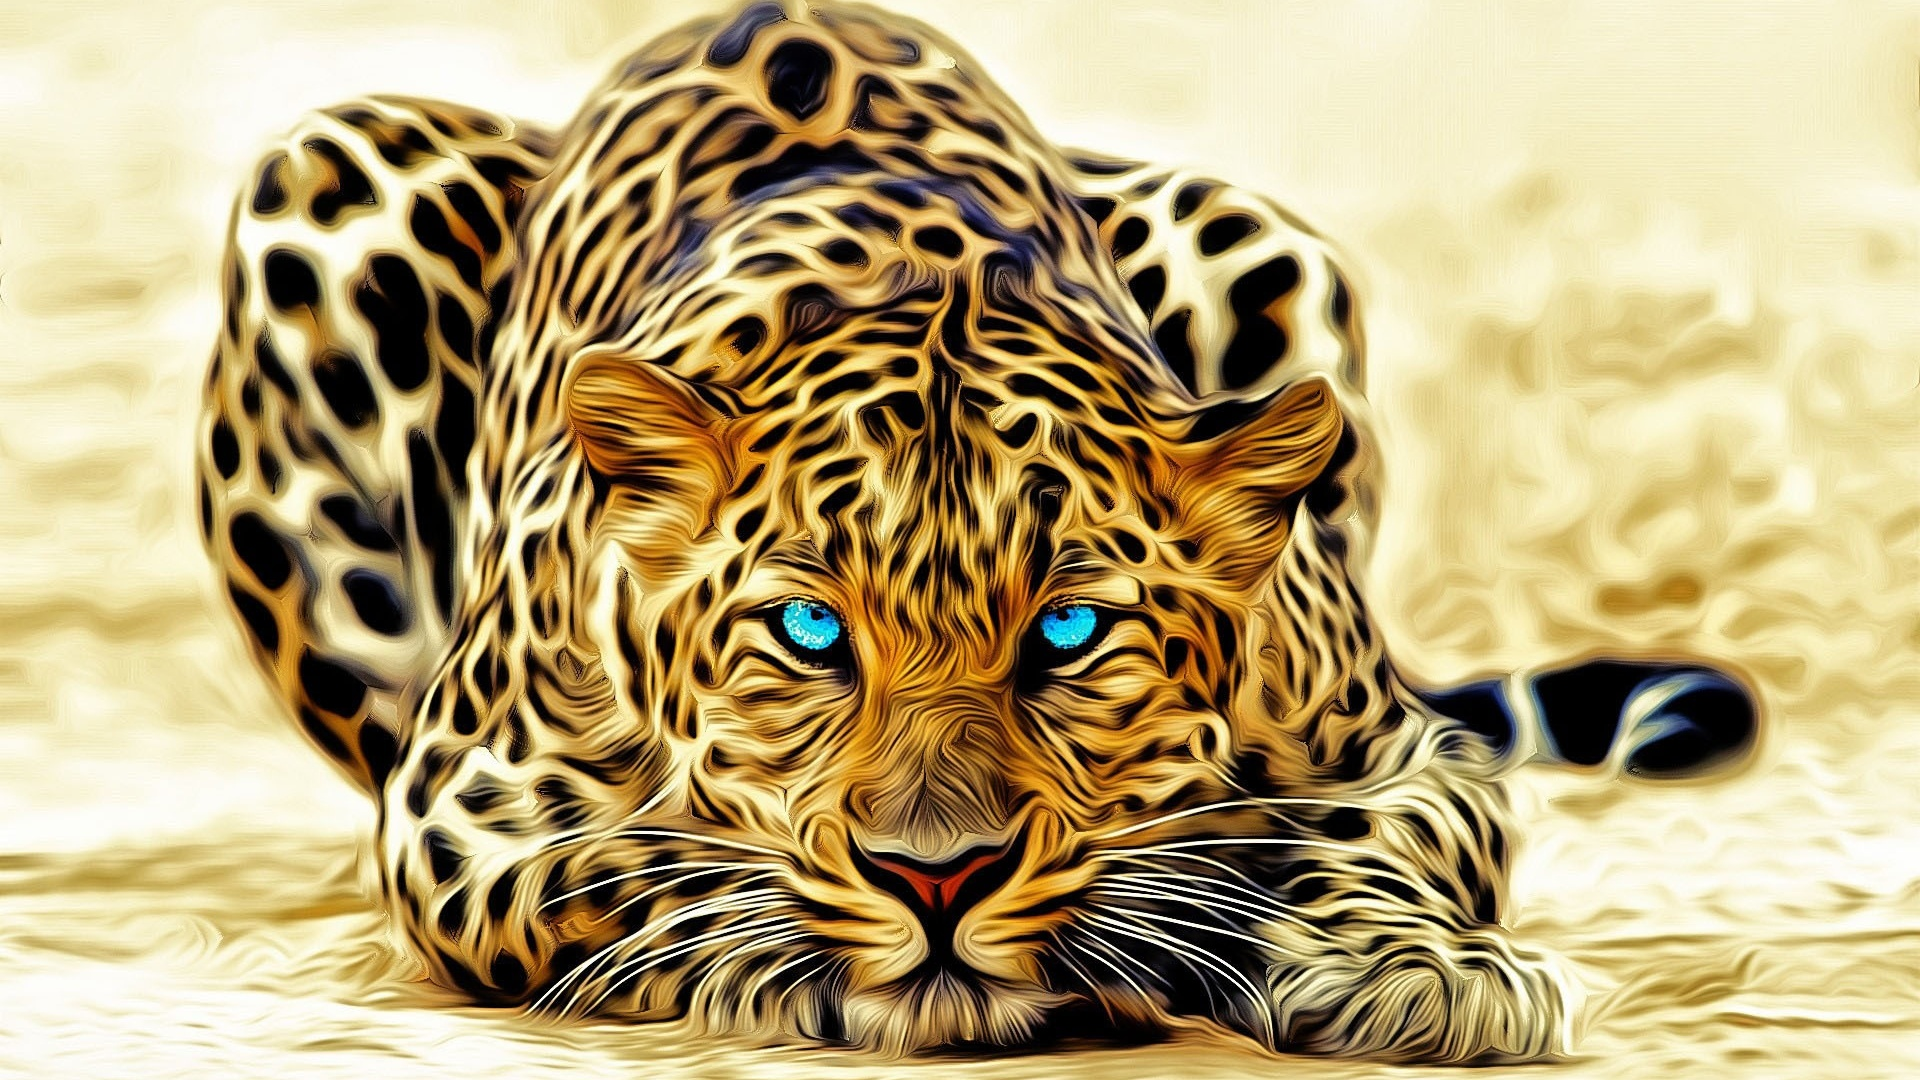 Favori Leopard artistique - fond ecran - 10 000 Fonds d'écran HD gratuits  HV67